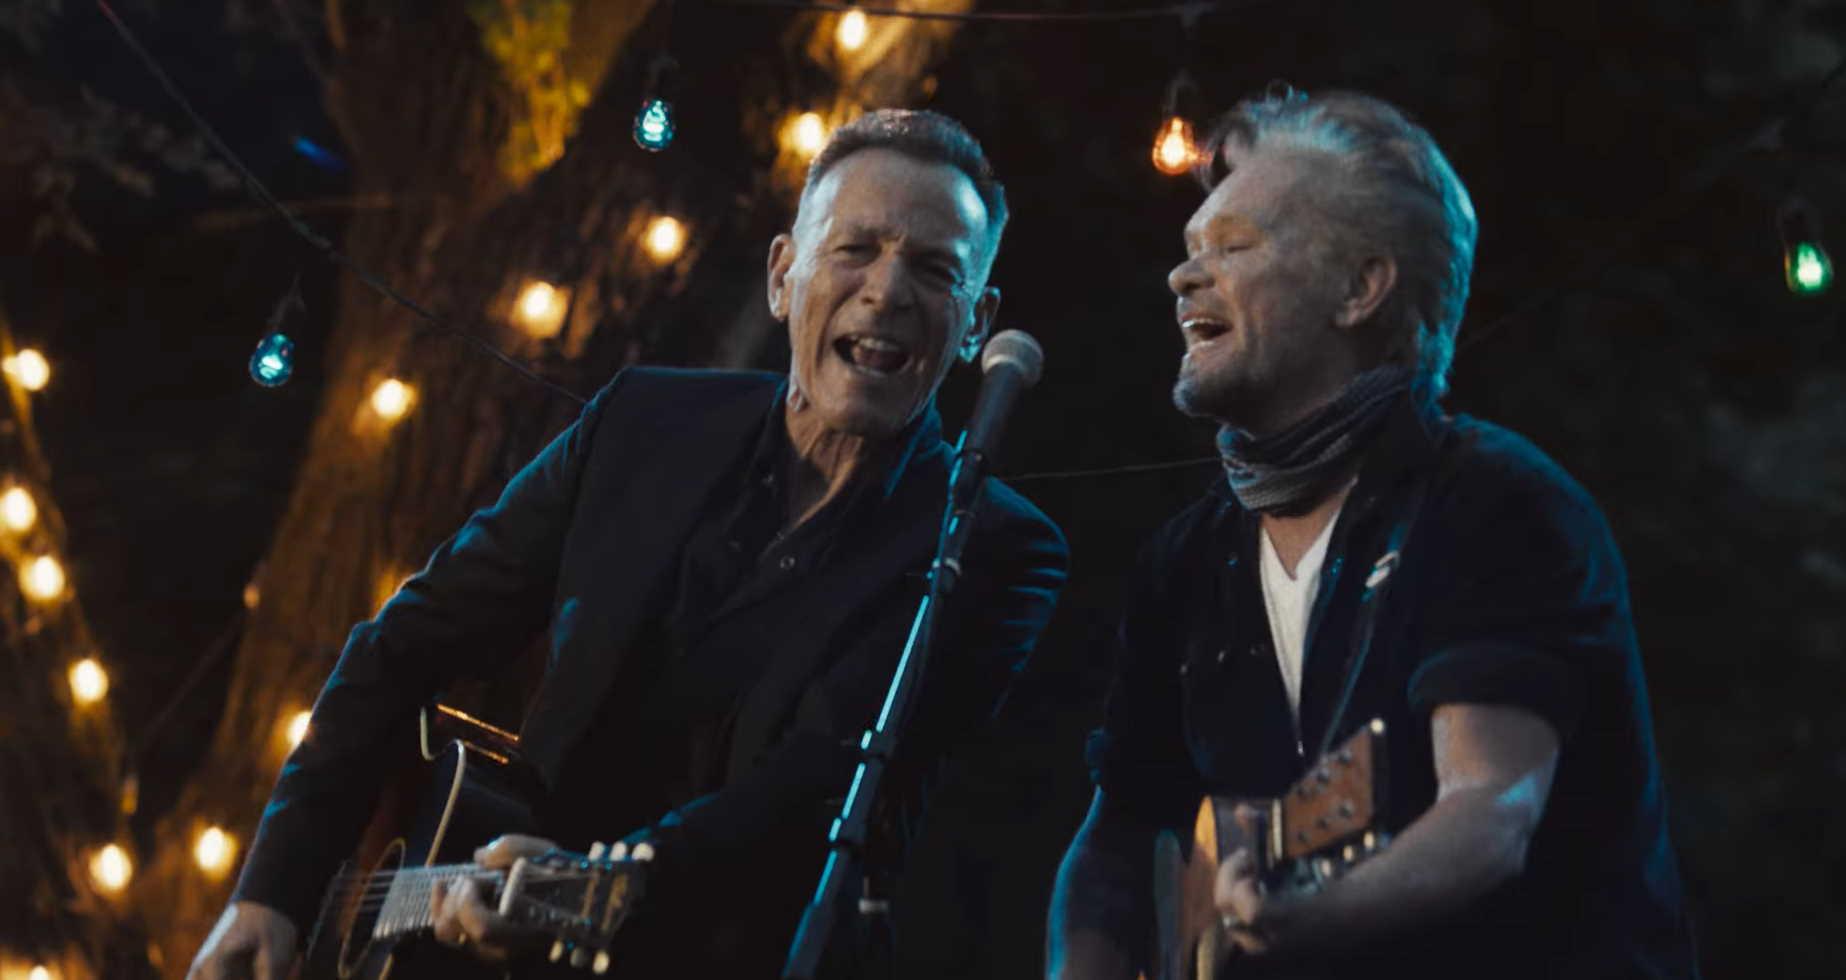 Plaat van de week: John Mellencamp & Bruce Springsteen – Wasted Days